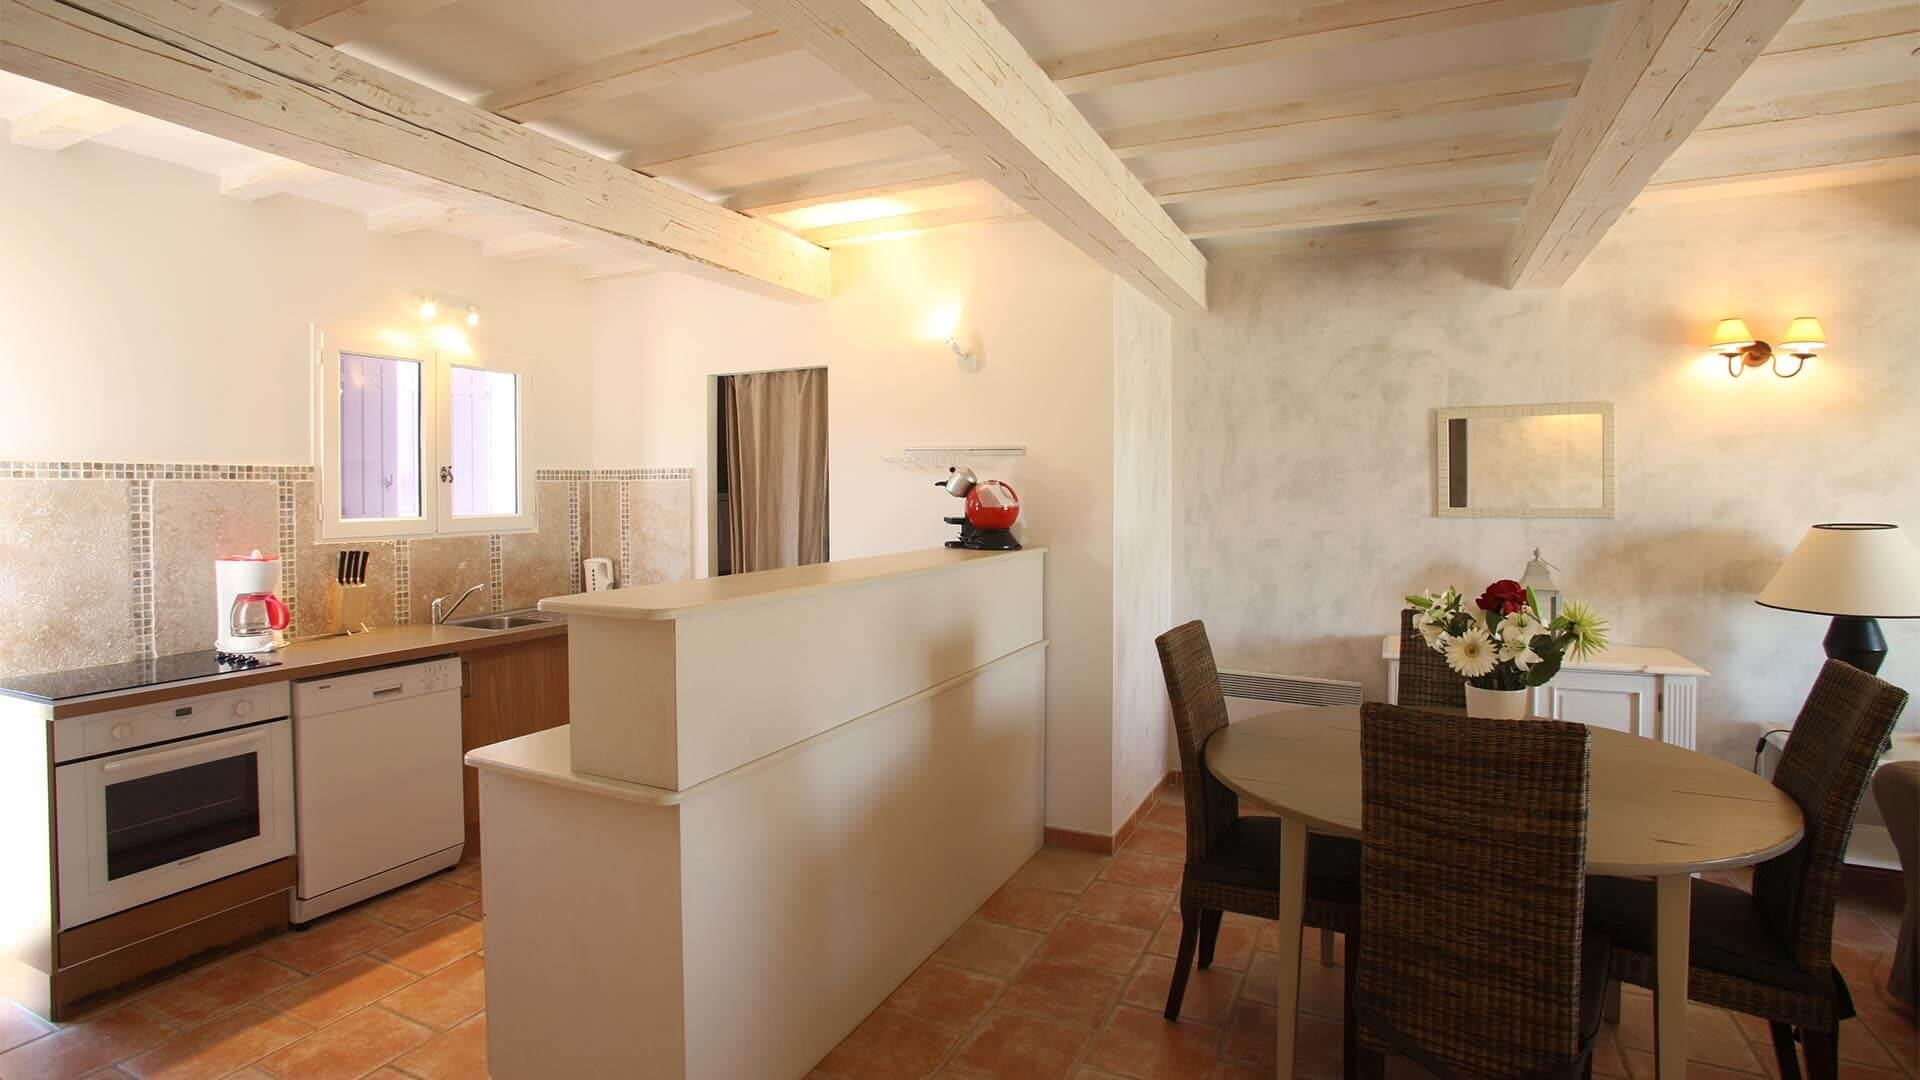 Location villa de vacances Alpes de Haute-Provence | Villa les tournesols | Salle à manger et cuisine américaine